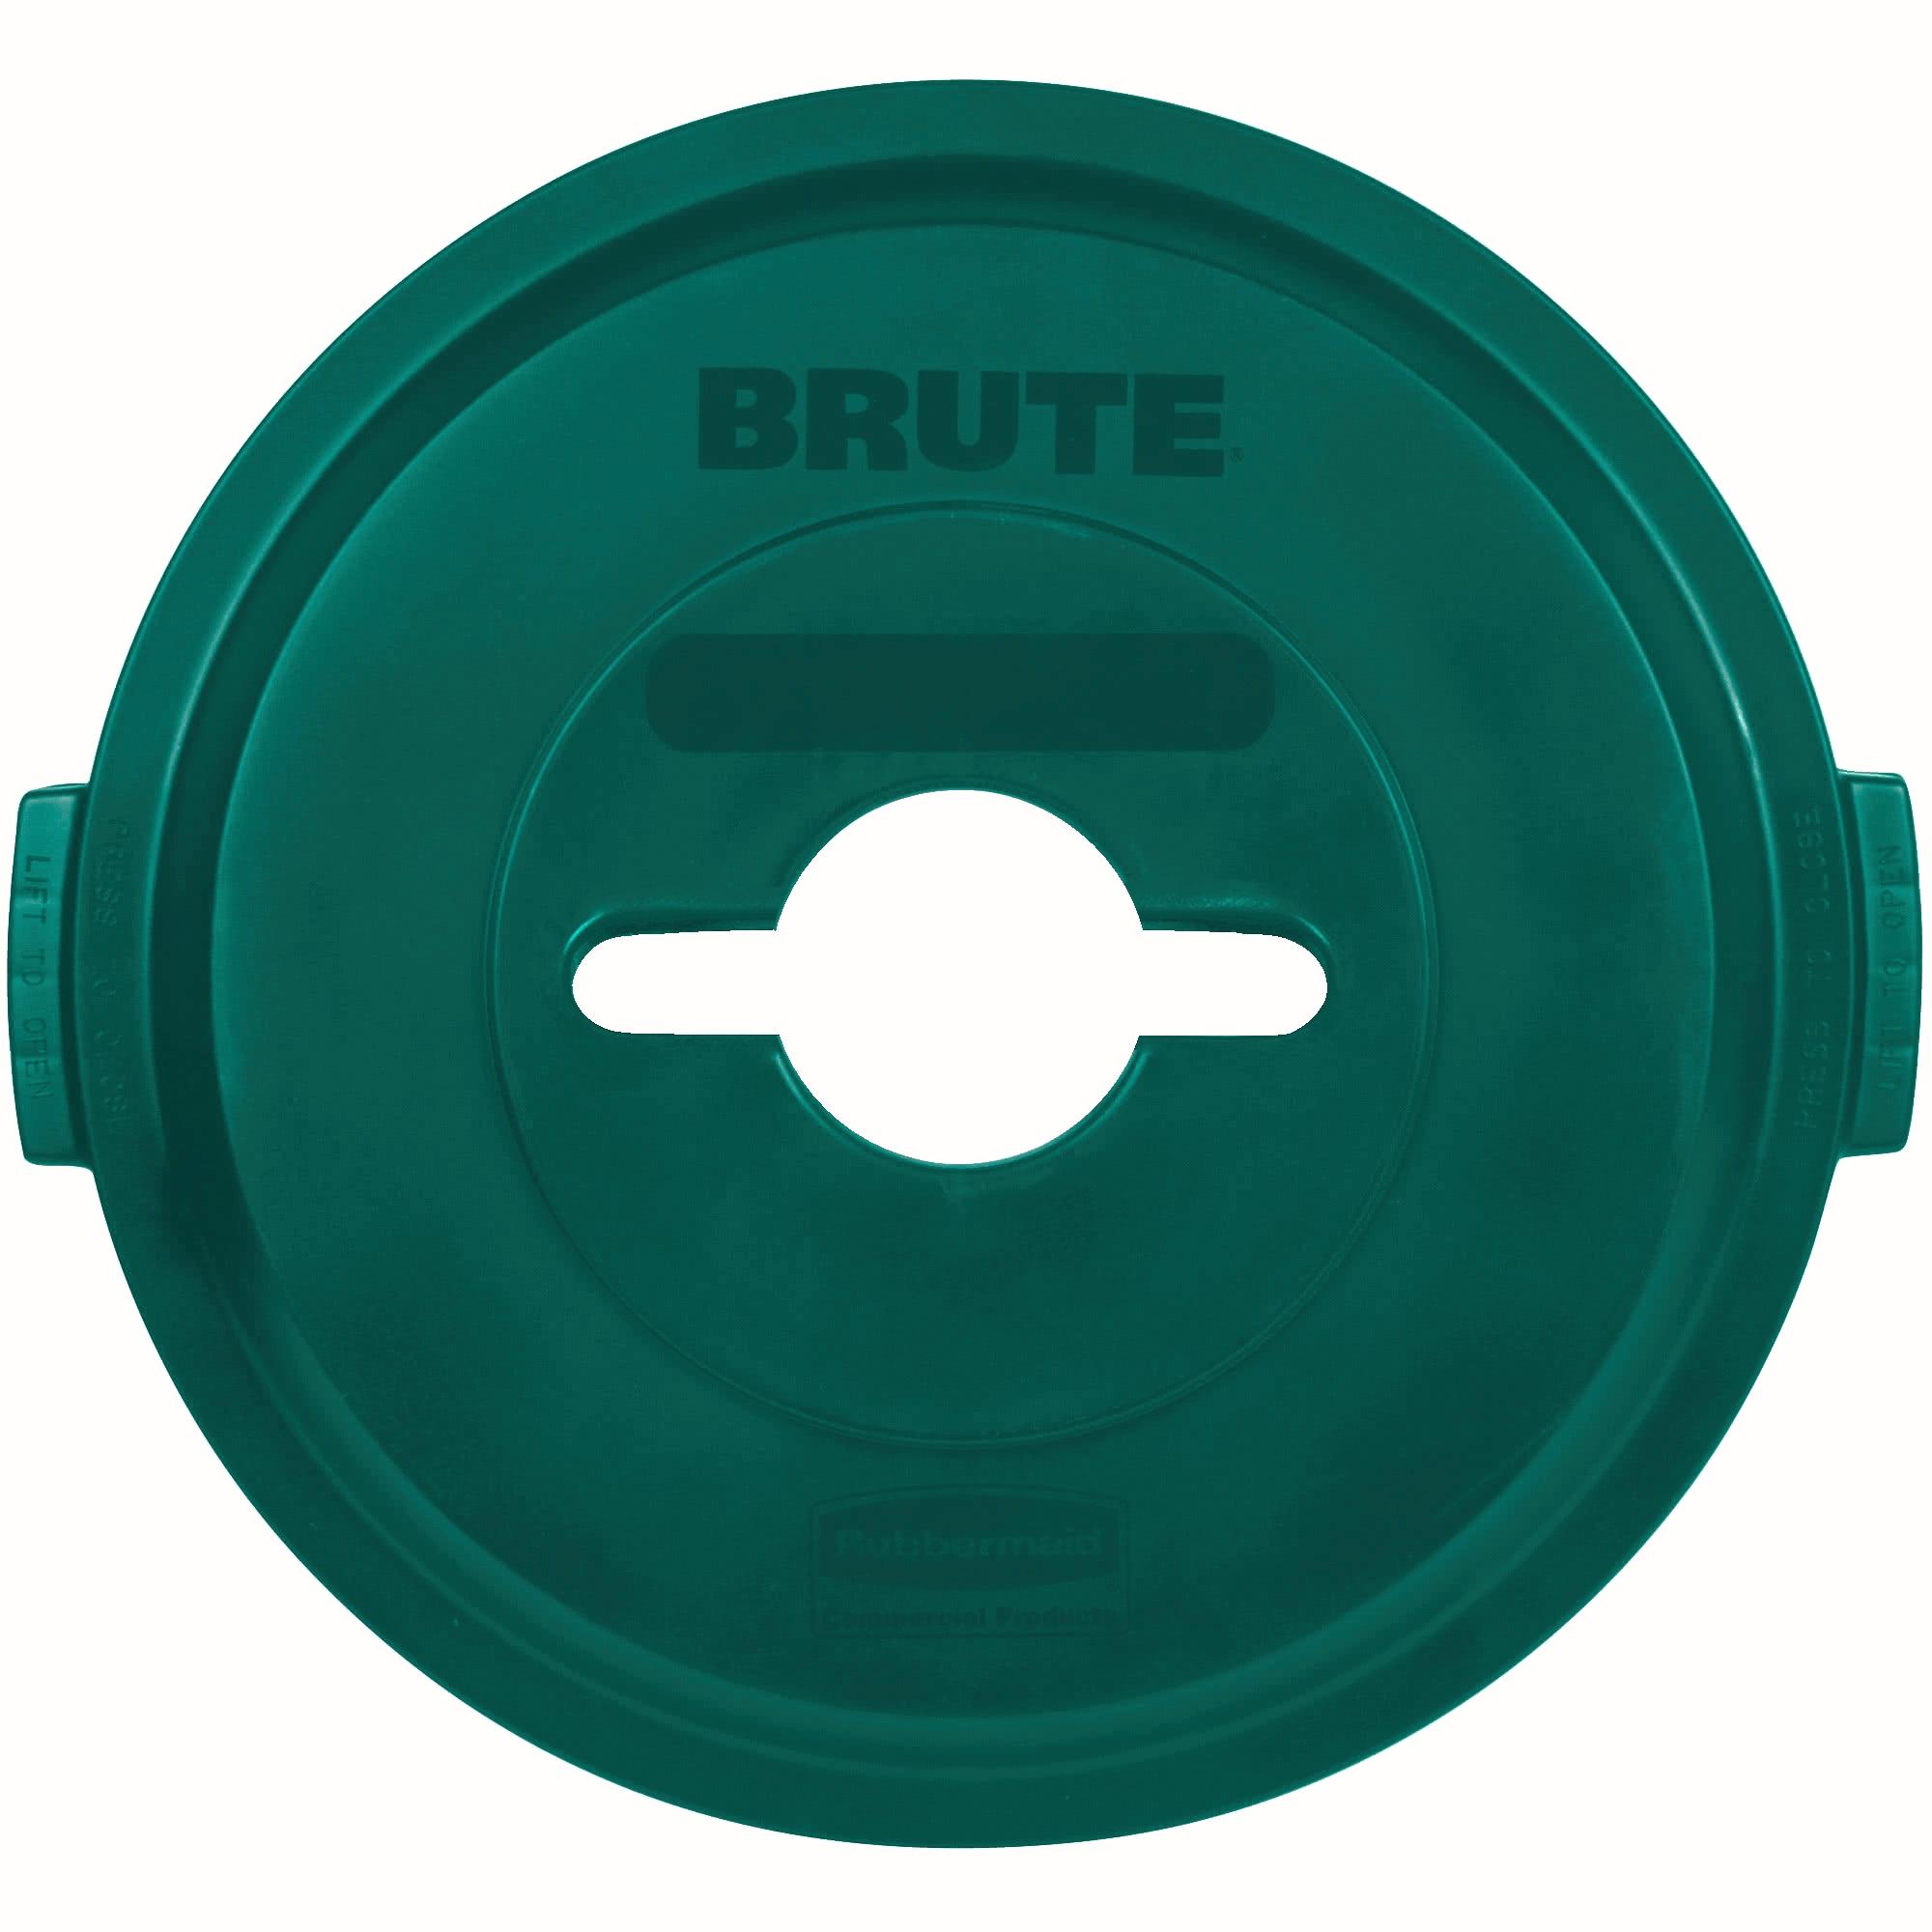 Rubbermaid 1788471 tapa Brute color verde para reciclaje mixto, aplica contenedor Brute de 32 galones 1